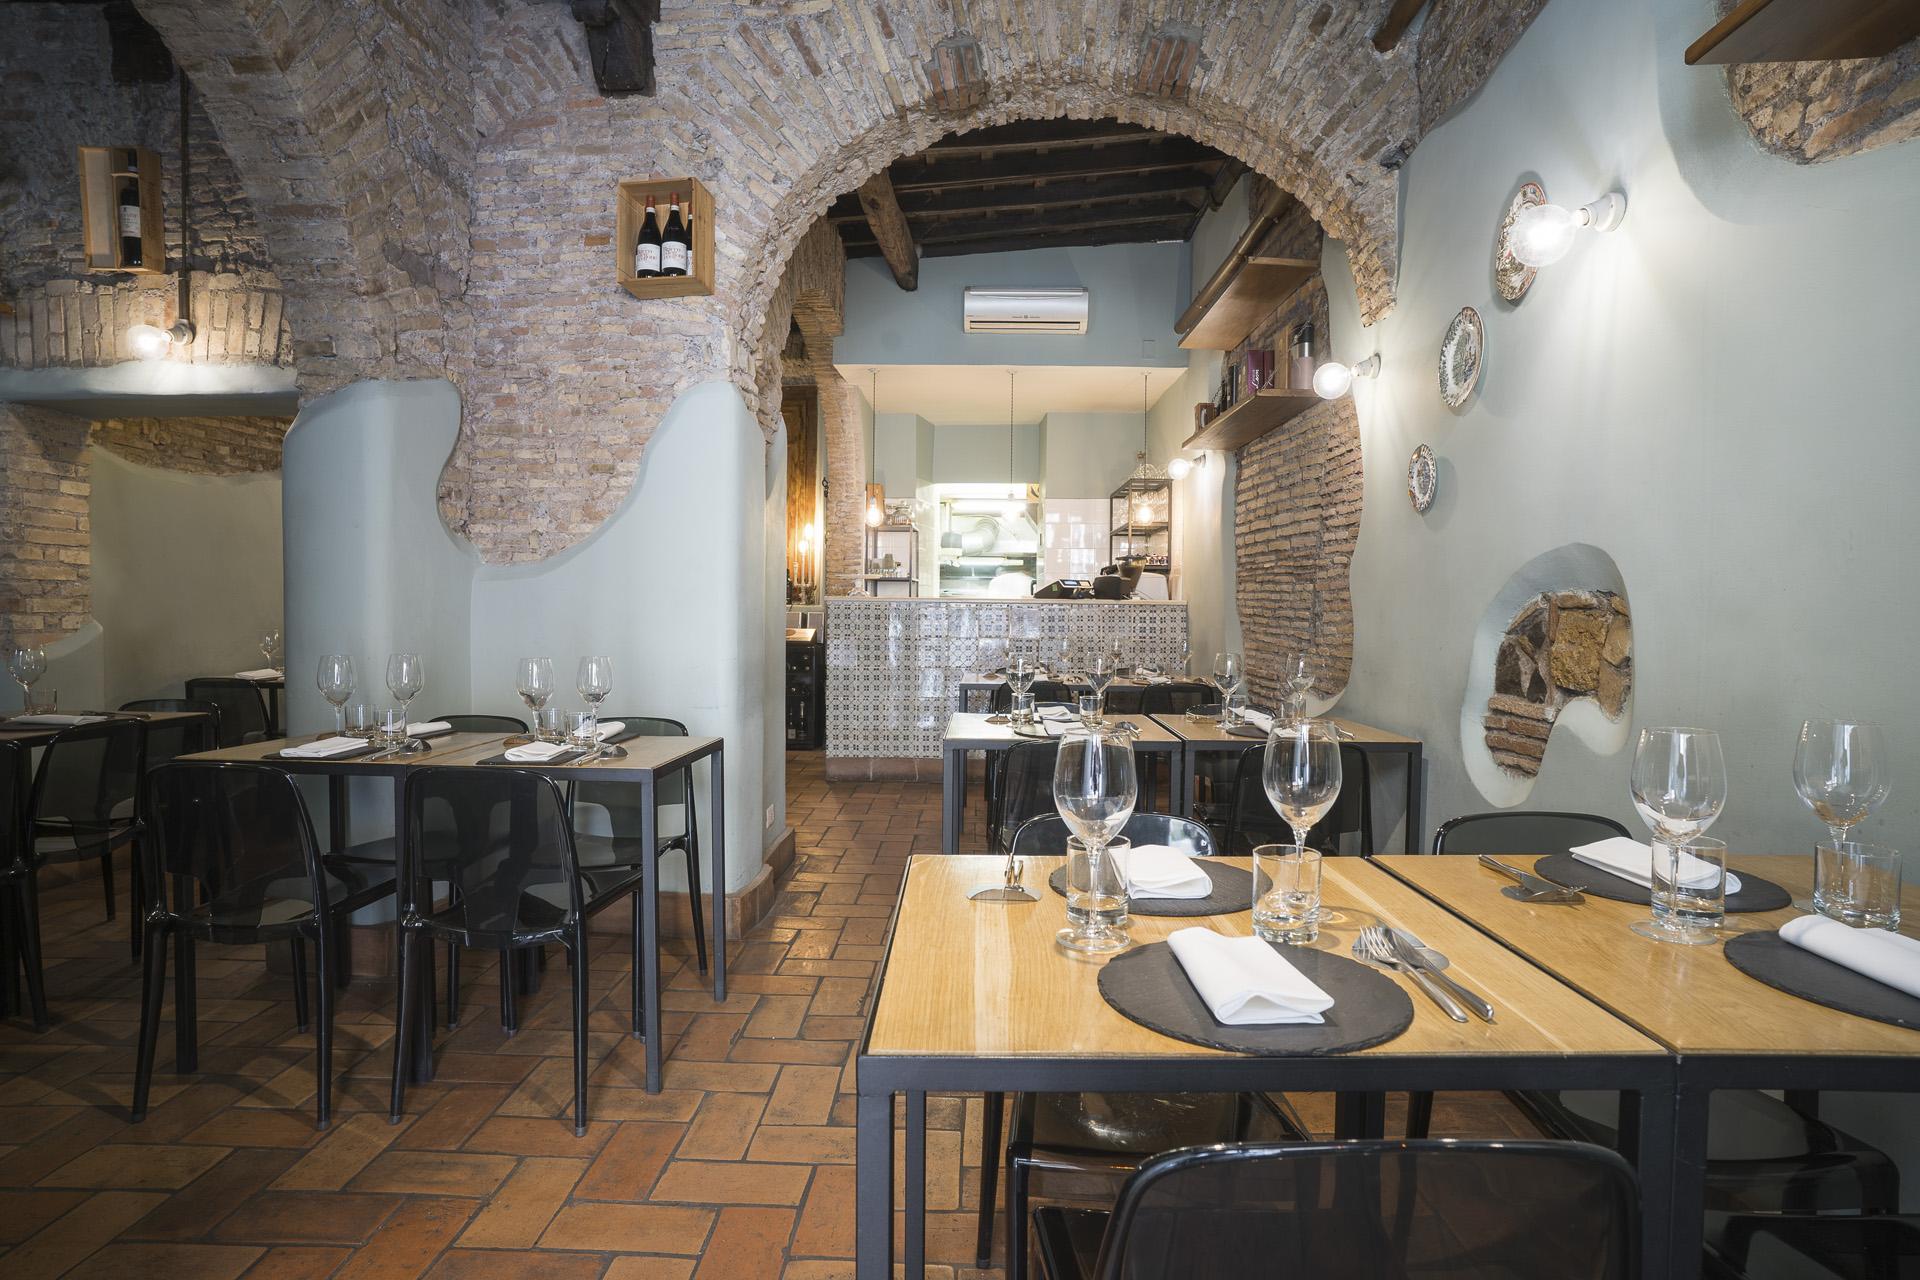 Ristorante La Pace del Palato - Chef Francesco Pesce - Copyright _nf